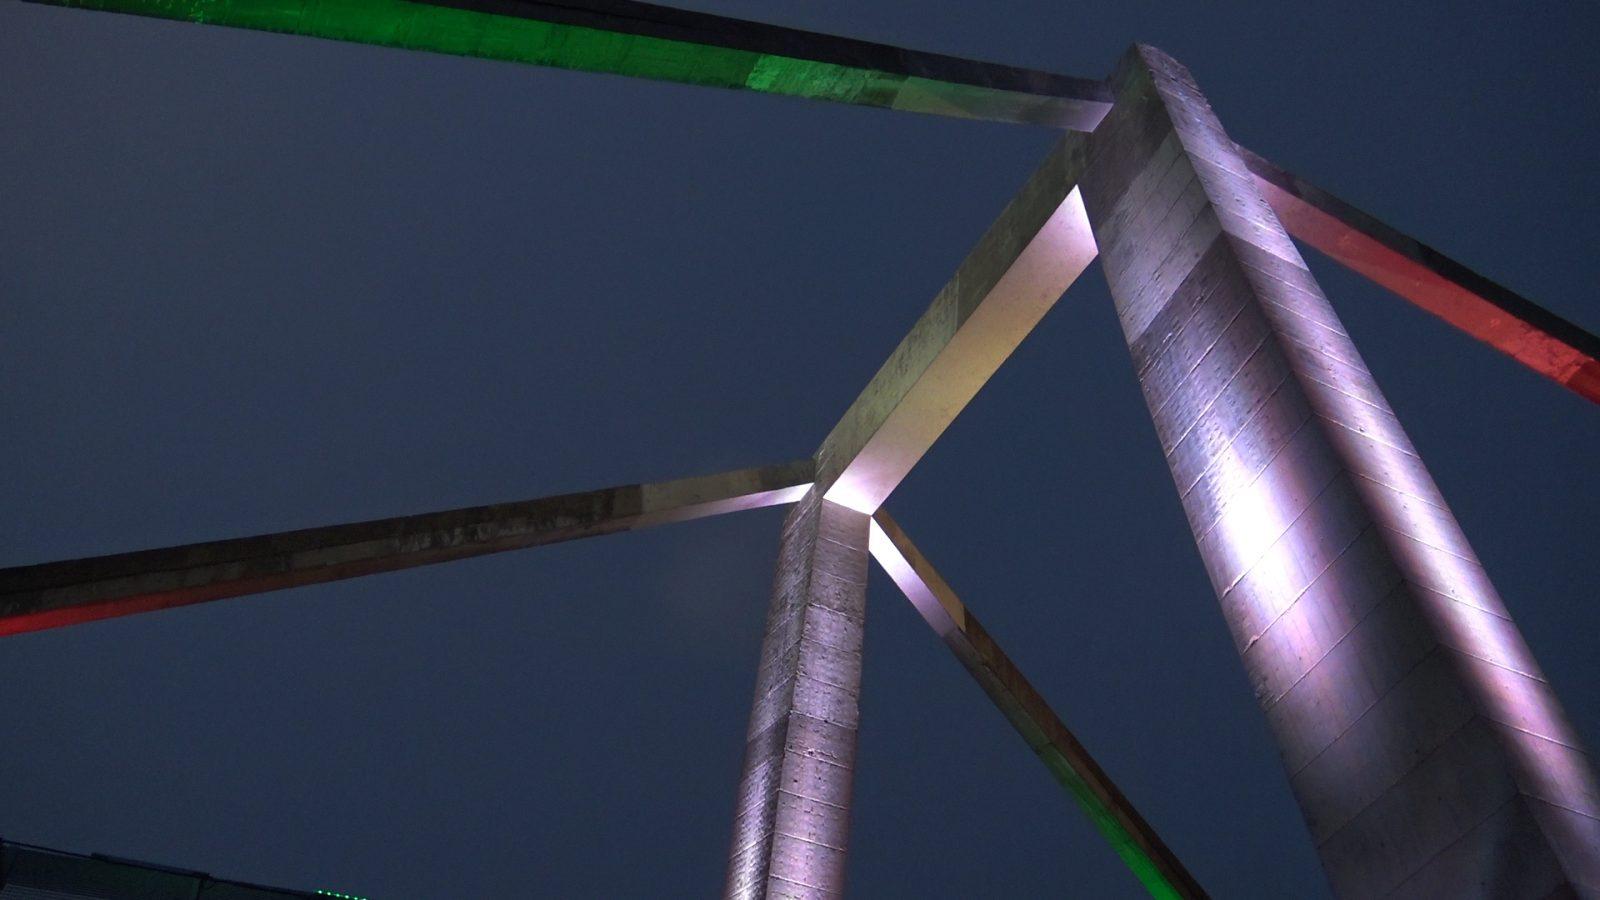 Autostrada Roma – Aeroporto di Fiumicino, illuminazione del viadotto sull'ansa del Tevere progettato da Riccardo Morandi (Archivio storico Anas)